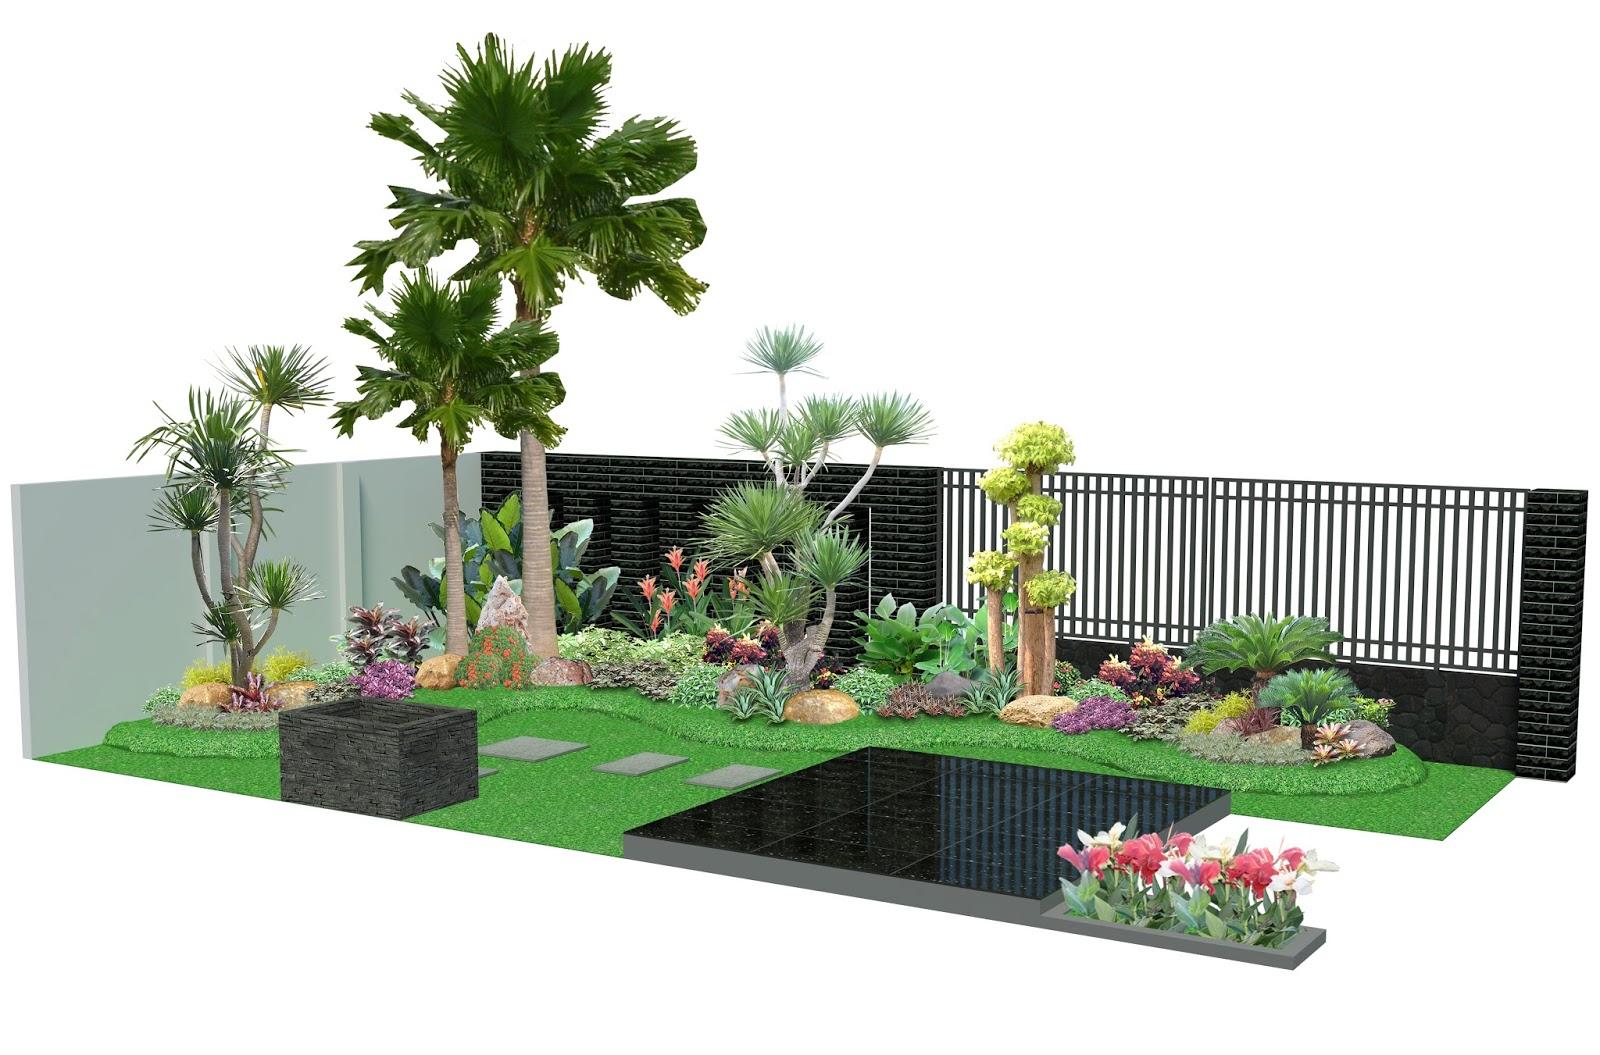 61 Koleksi Desain Taman Depan Hotel Gratis Terbaru